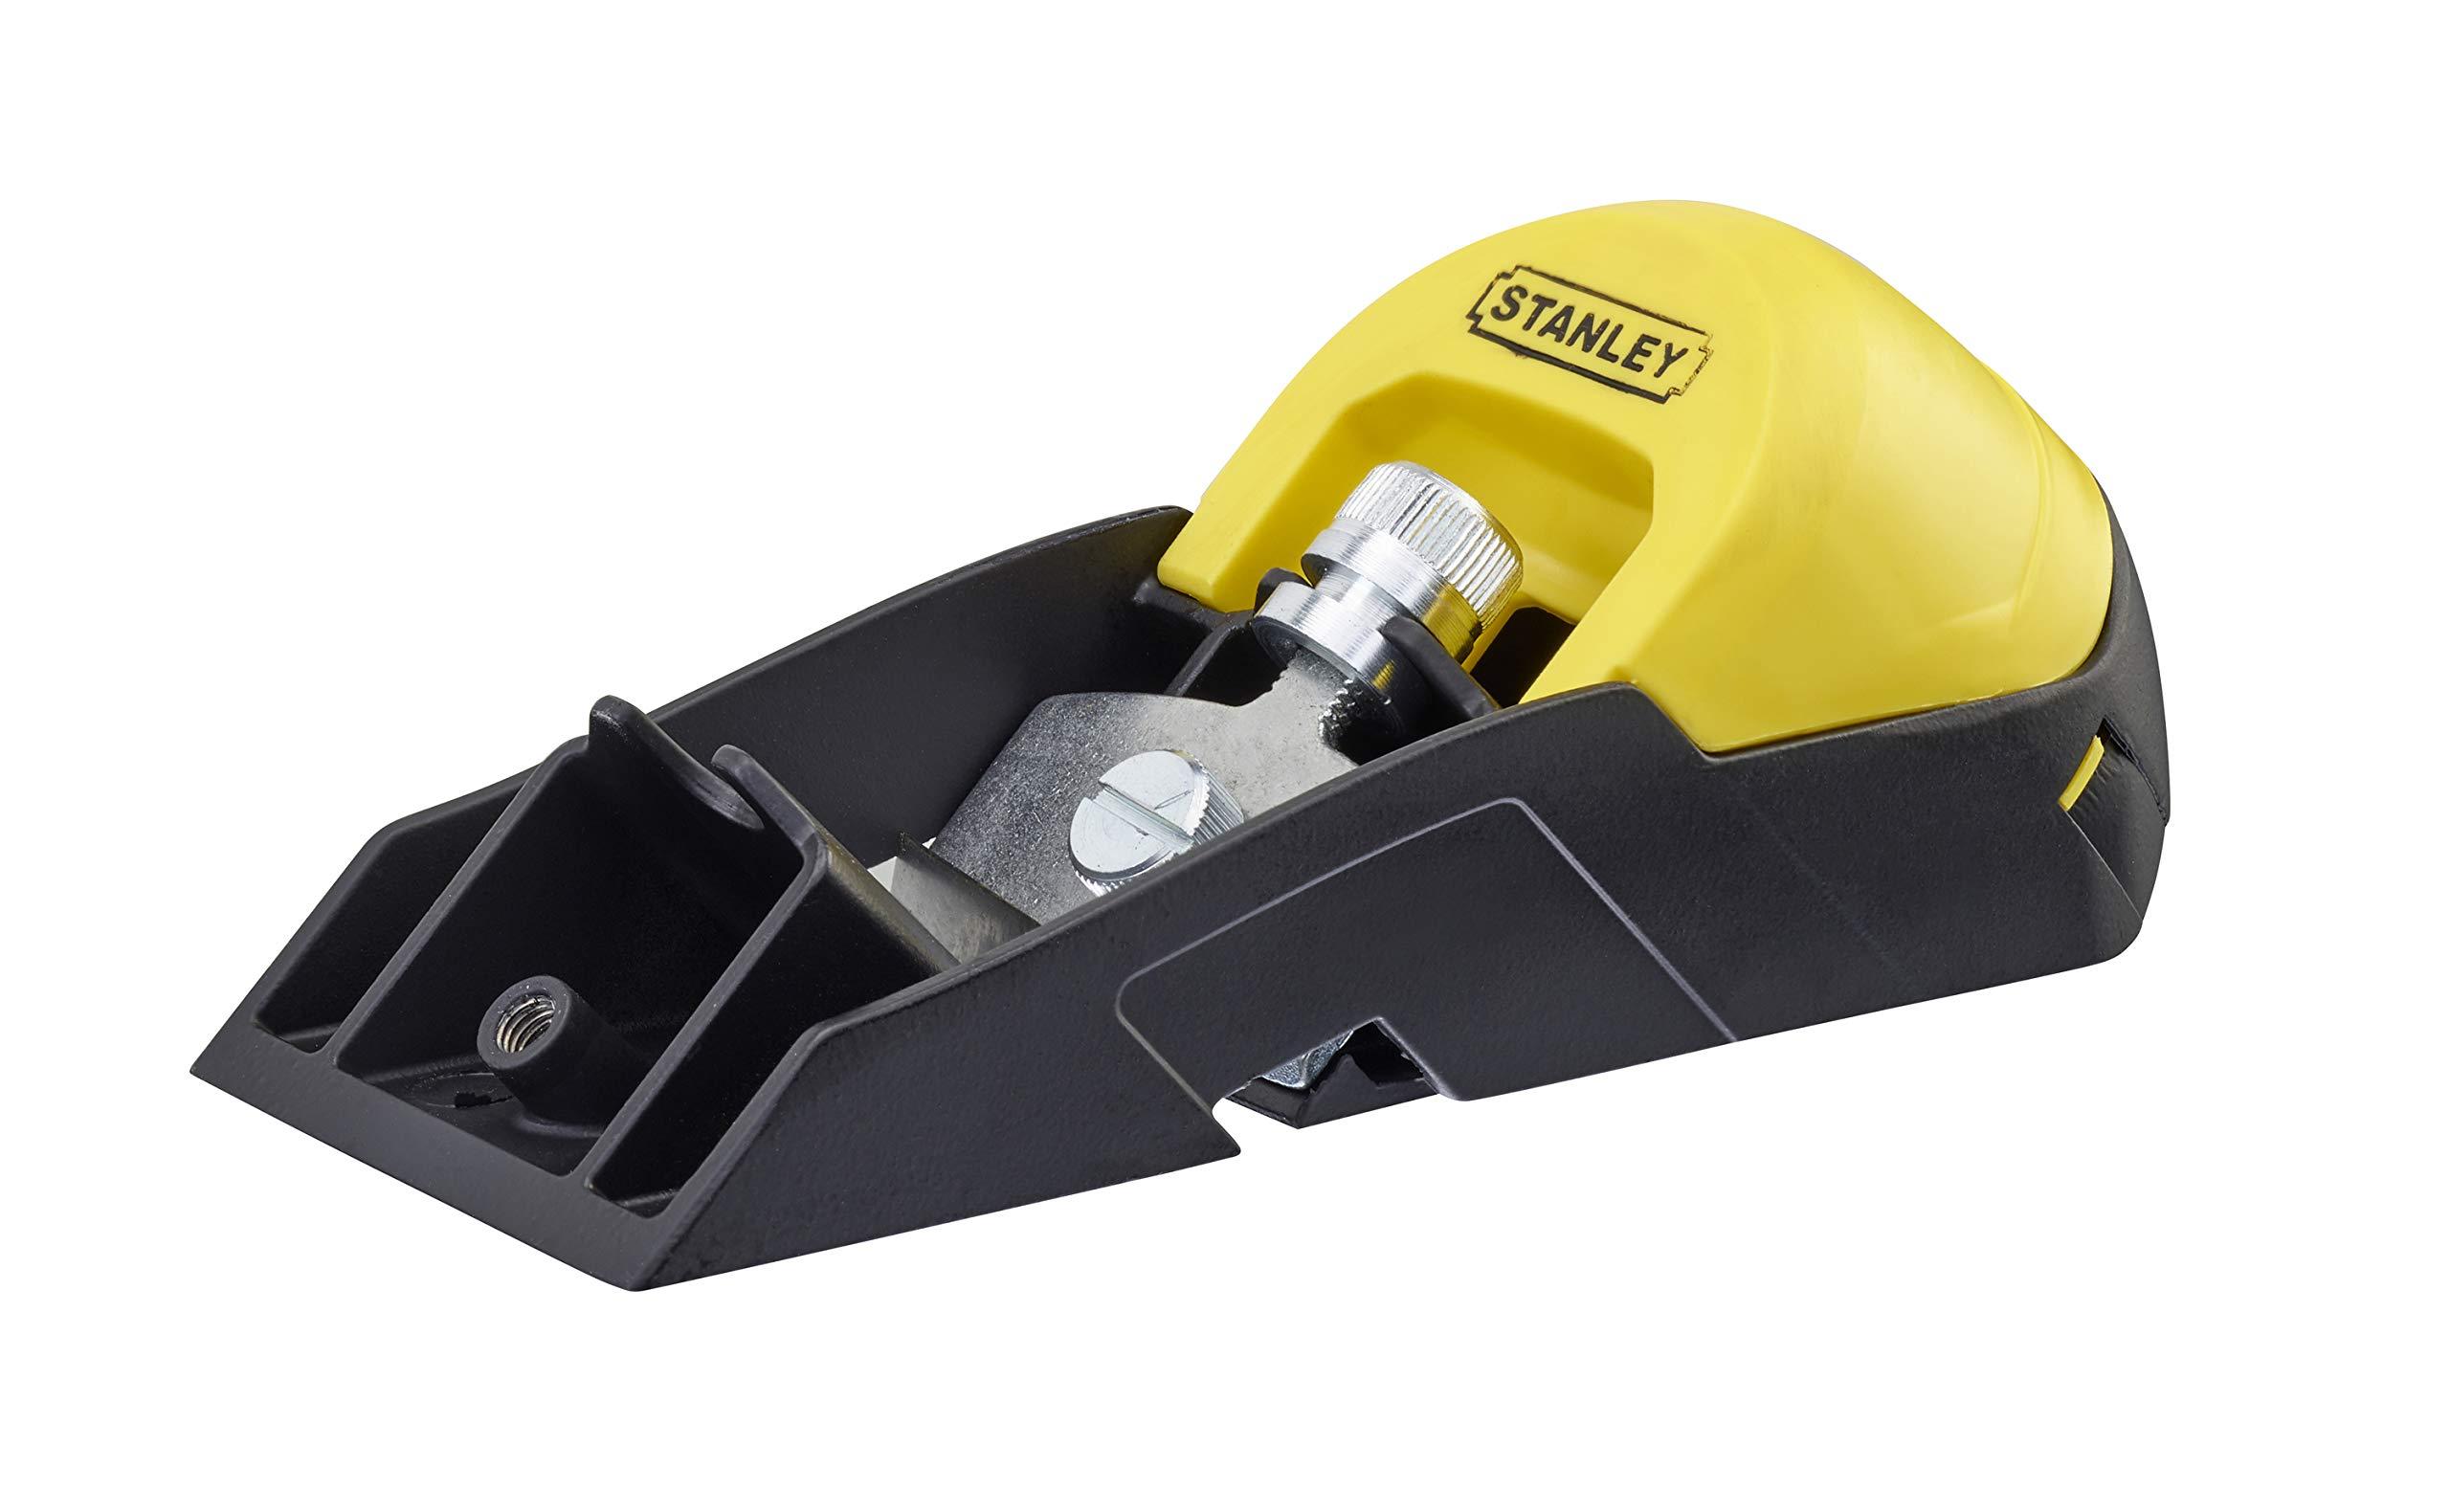 Stanley 0-12-105 Cepillo Metálico RB5 + hoja de recambio-50mm, Black/Yellow